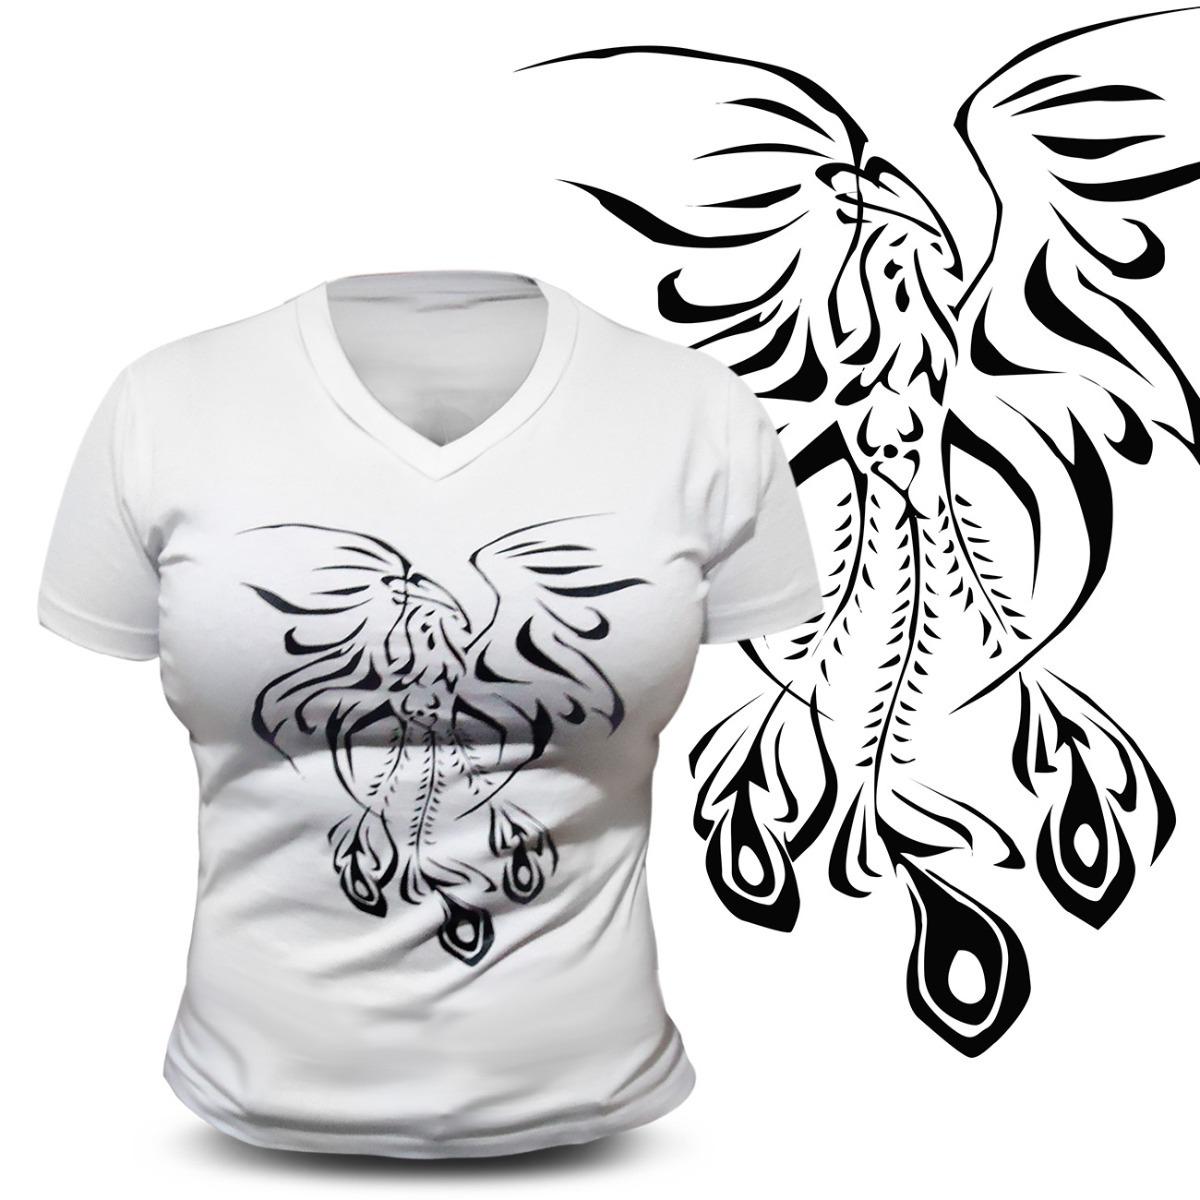 Camiseta Baby Look Wild Wolf Branco Estampa Fenix Preto R 49 99